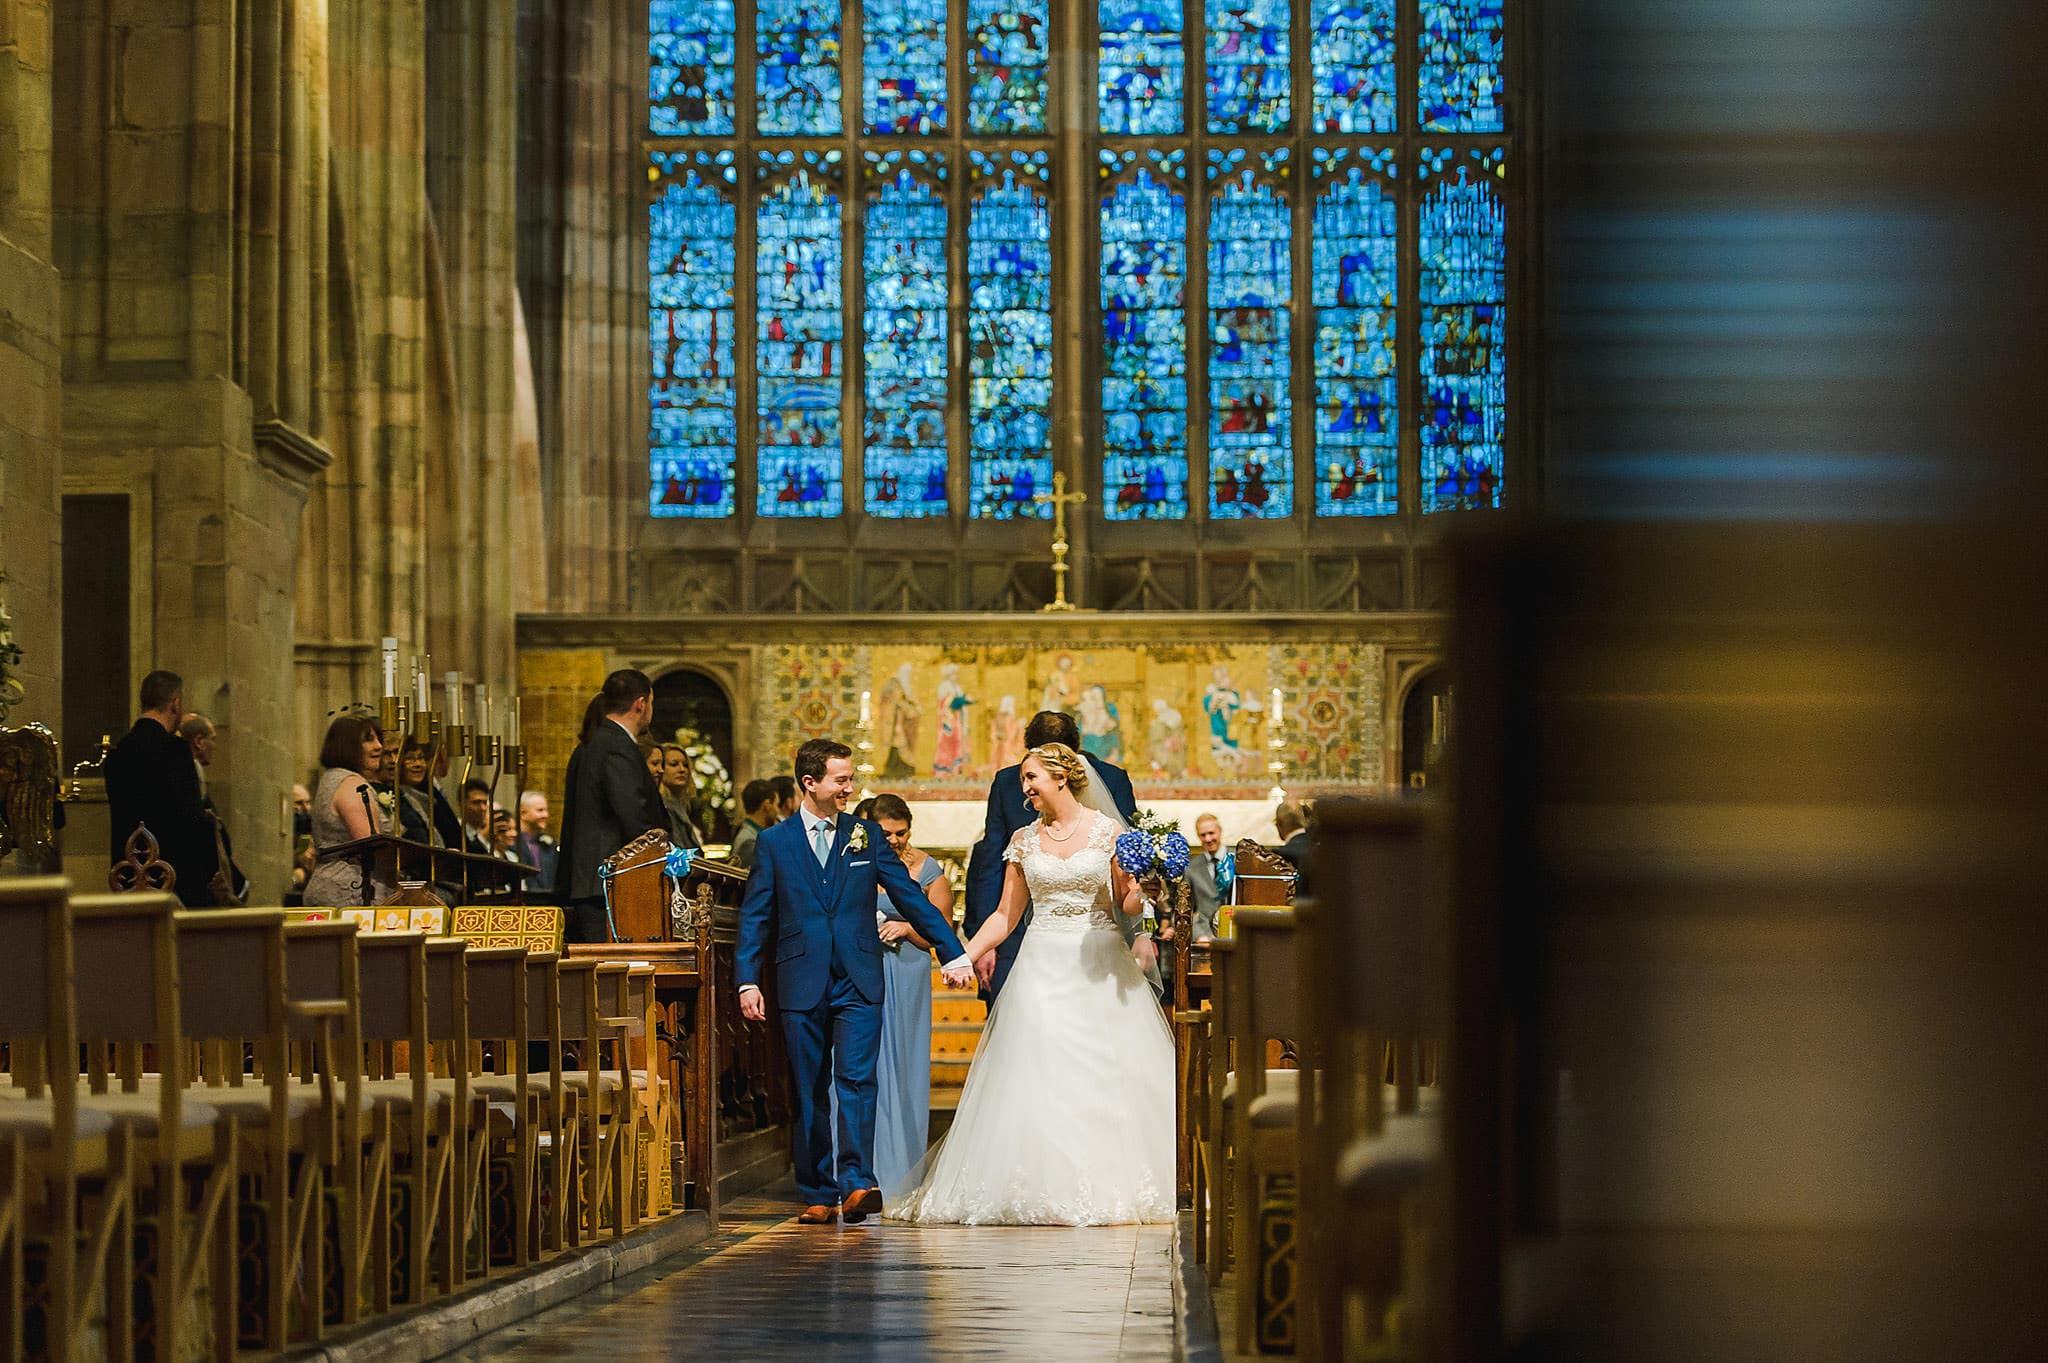 deer park hall wedding 50 - Deer Park Hall - Wedding Photography West Midlands